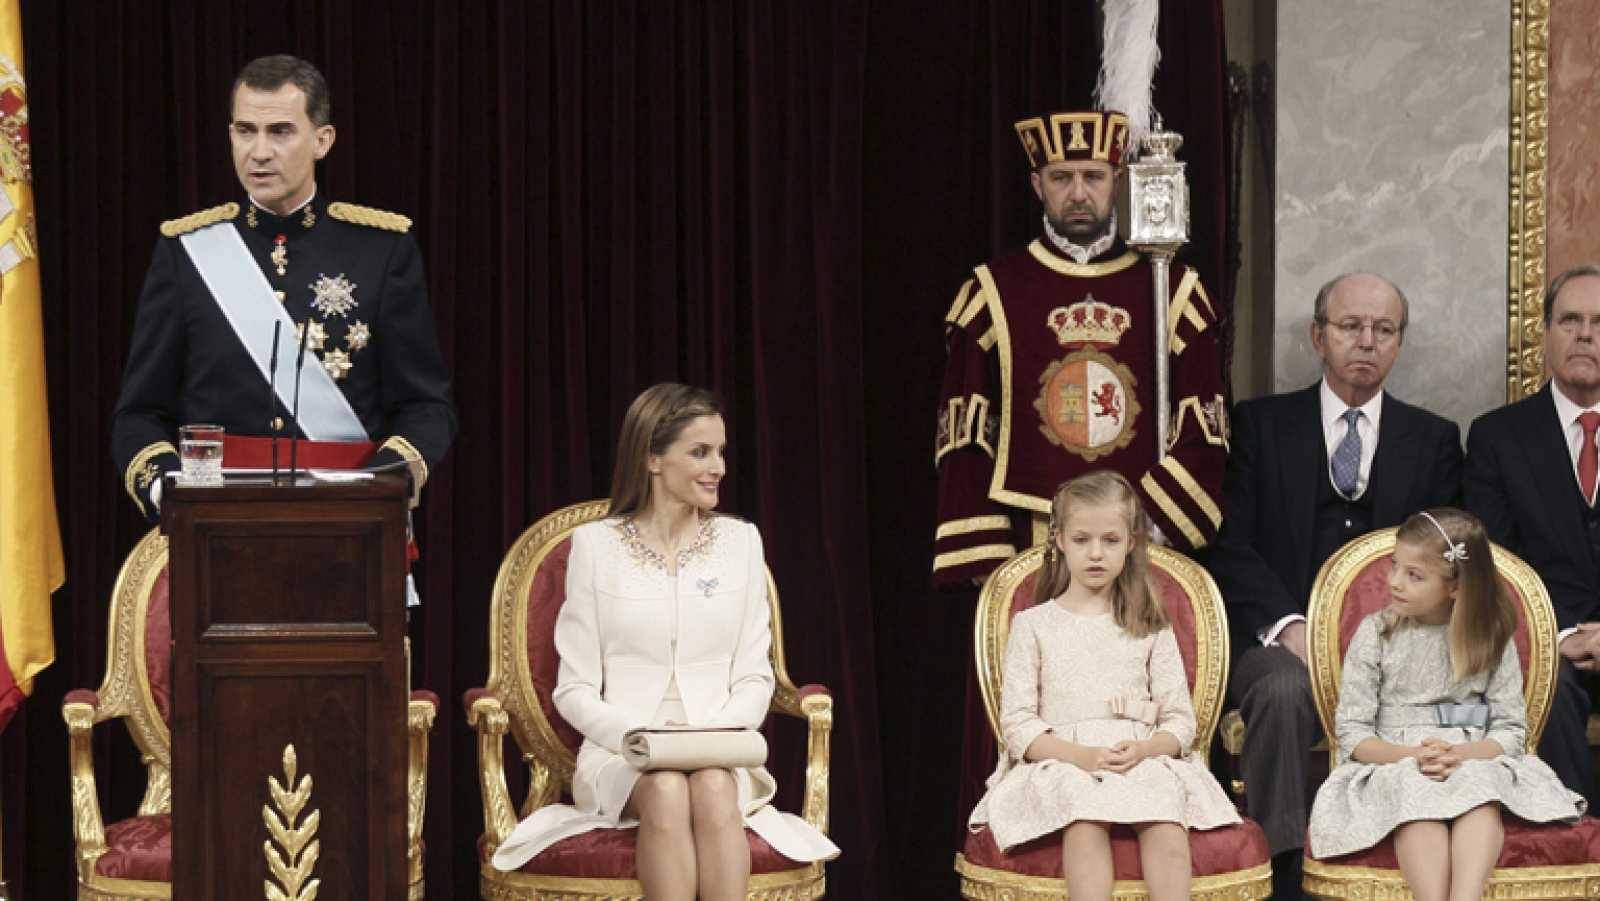 Menciones especiales en el discurso del Rey